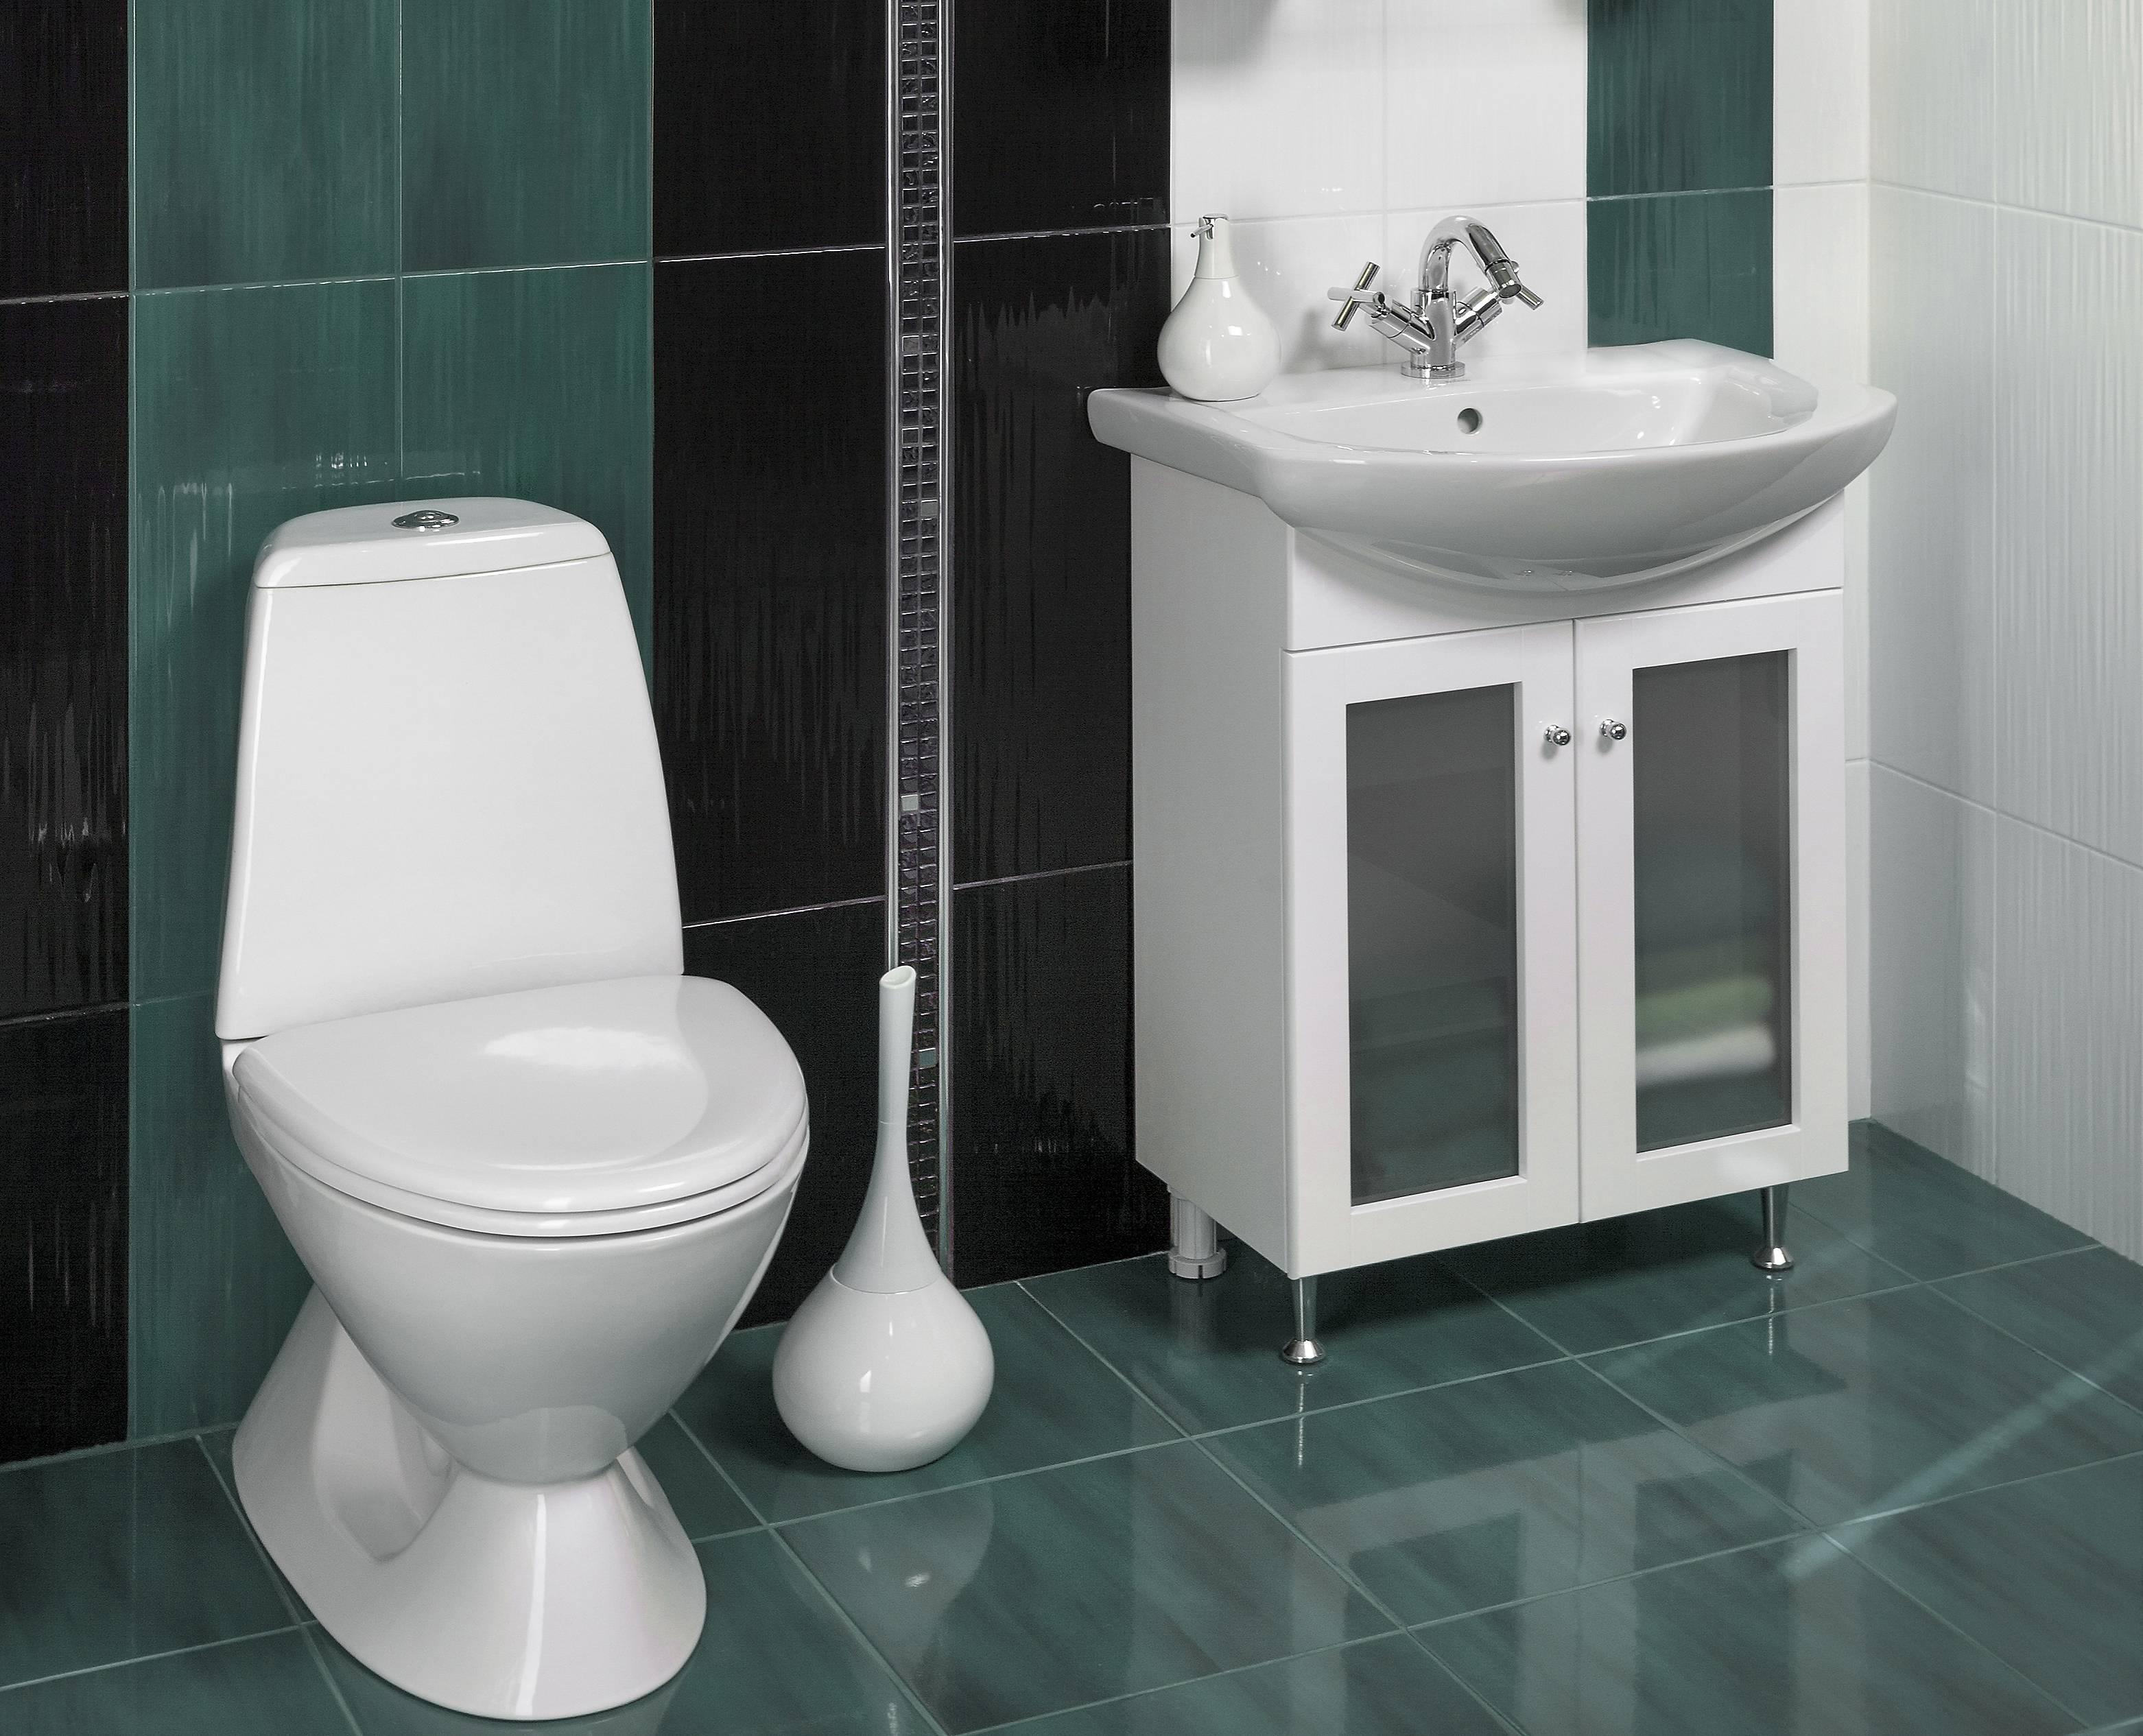 modern bathroom interior- kitchen & bath market shares